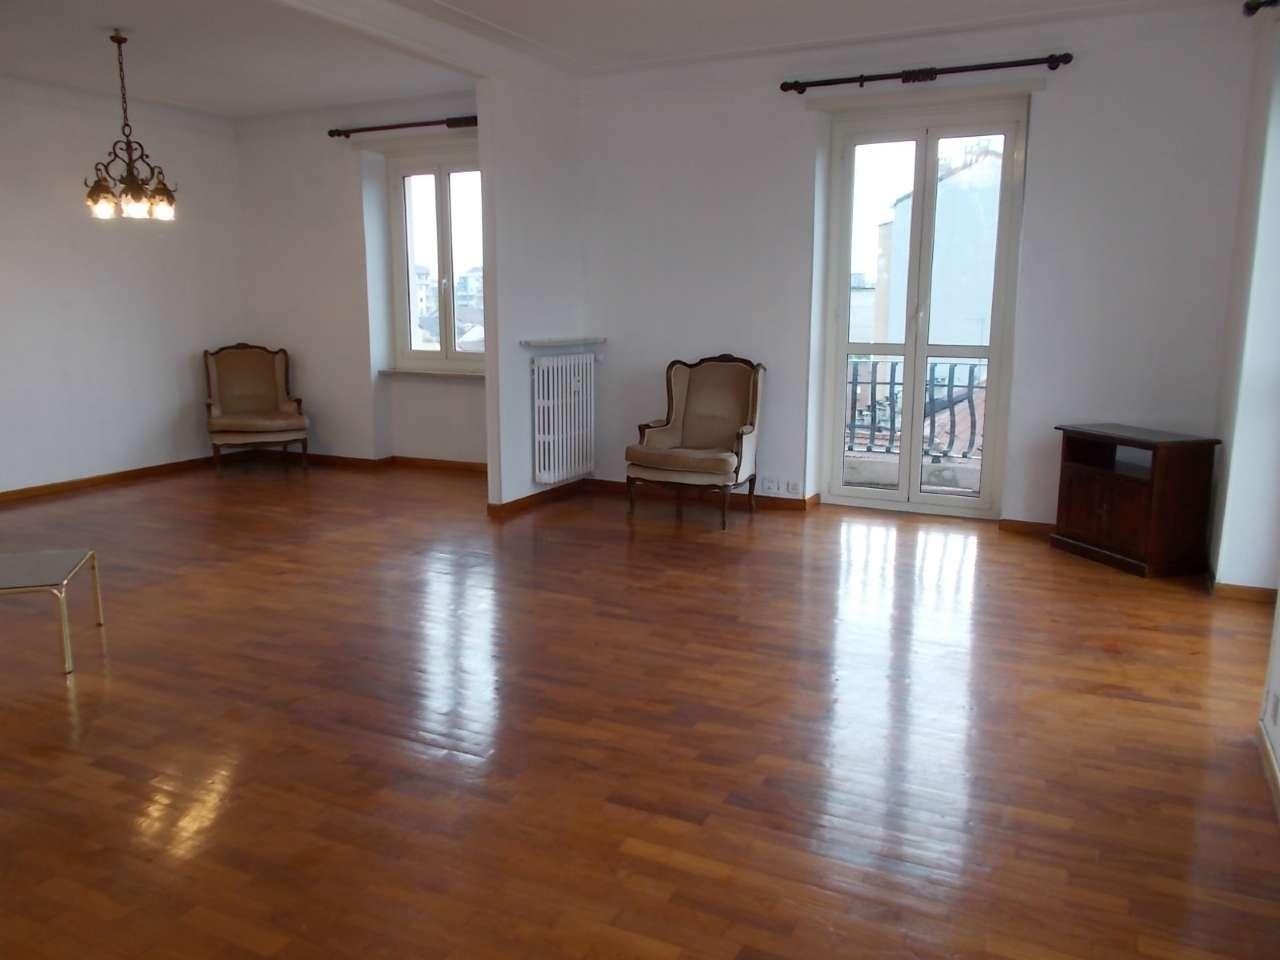 Foto 1 di Appartamento corso Francia  185, Torino (zona Cit Turin, San Donato, Campidoglio)